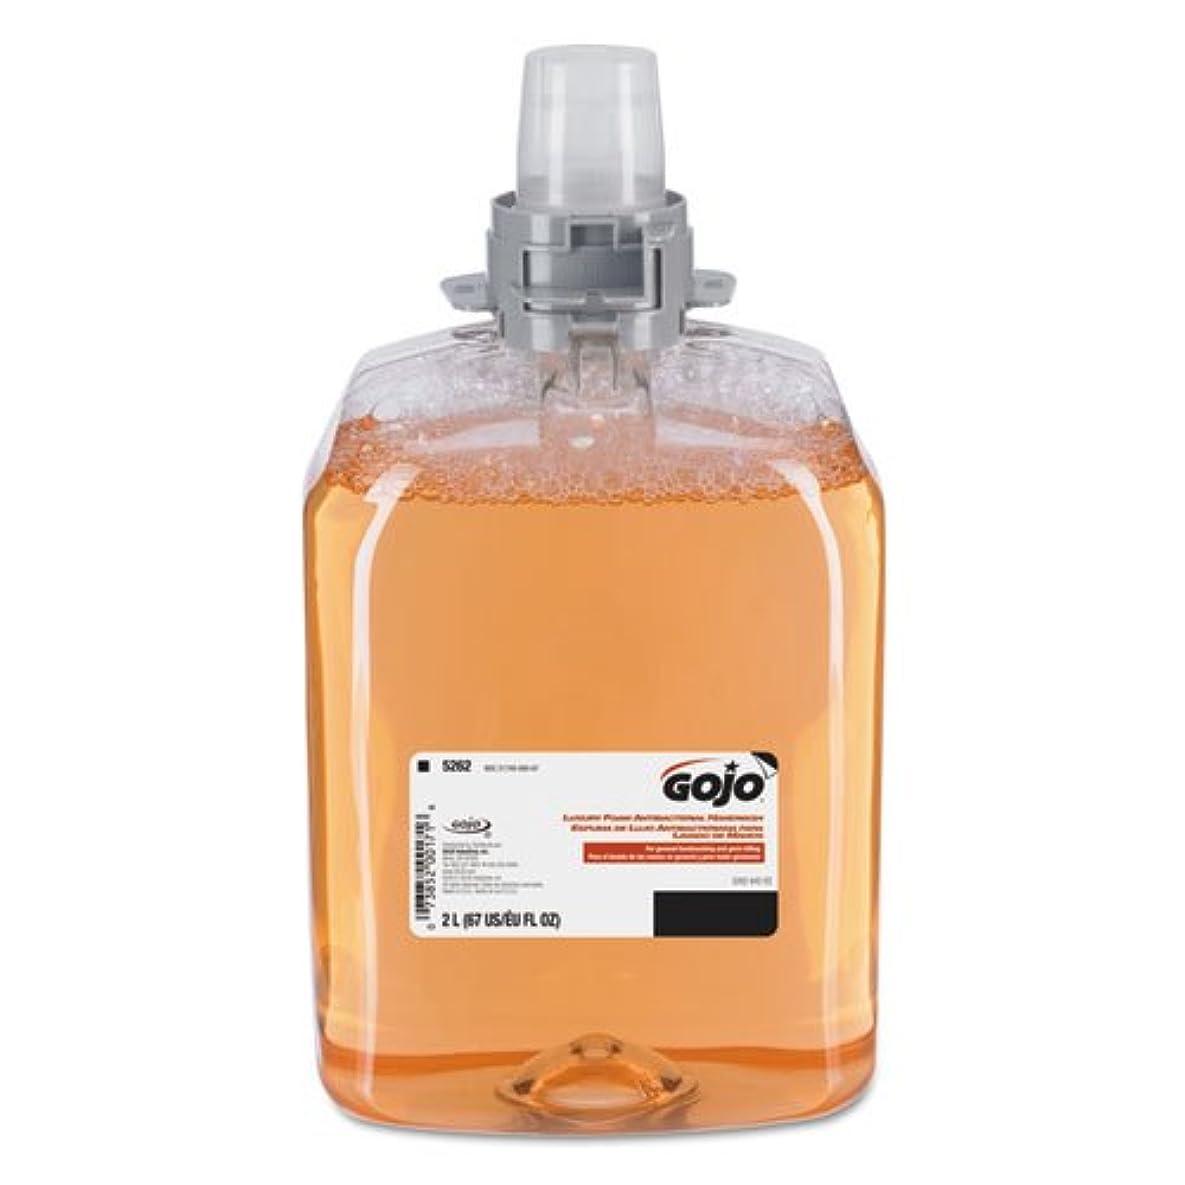 ポジション服を洗う論争的goj526202 – FMX 20 Luxury Foam Antibacterial Handwash